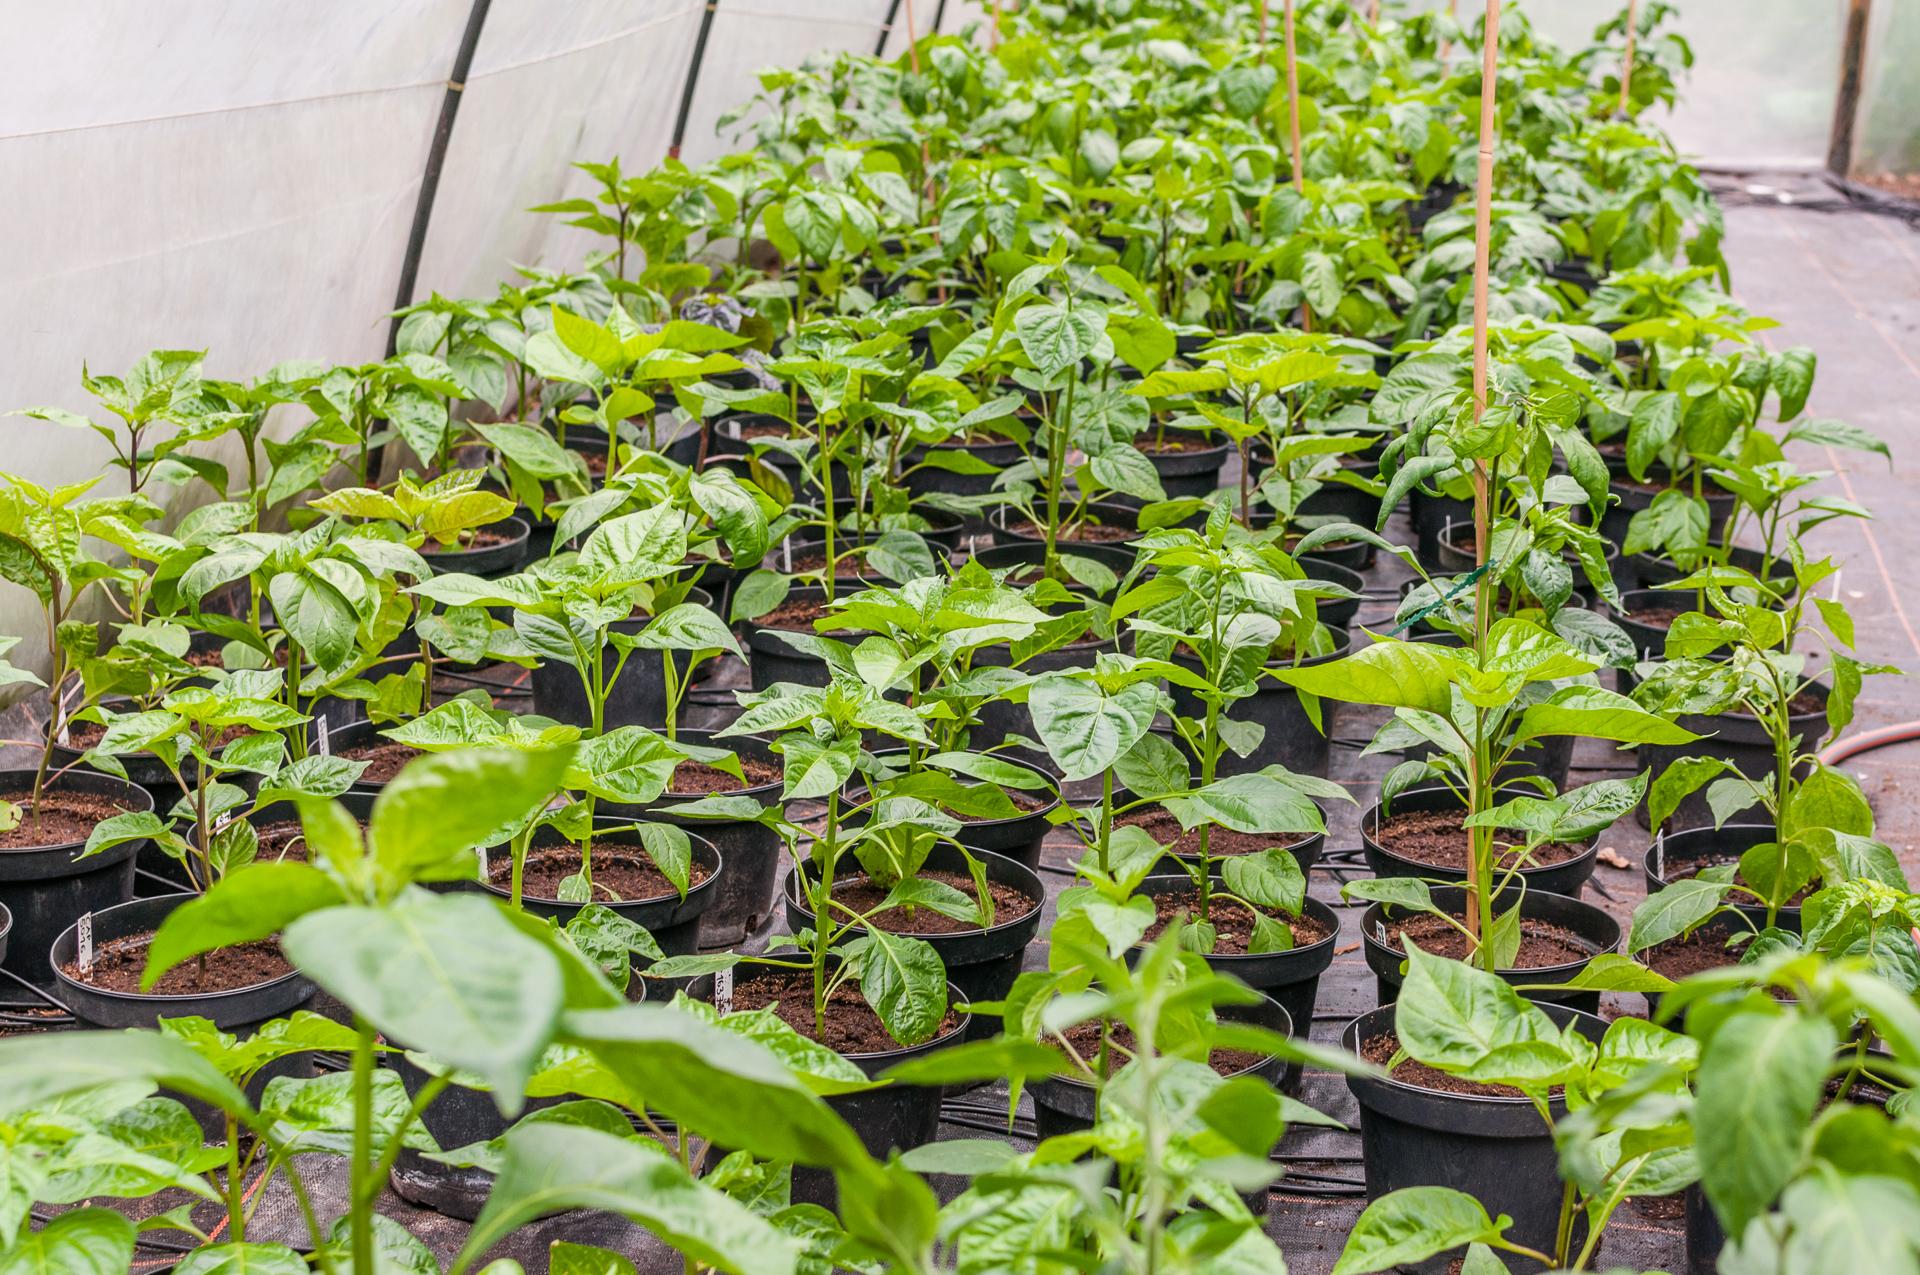 Capsicum Jungpflanzen